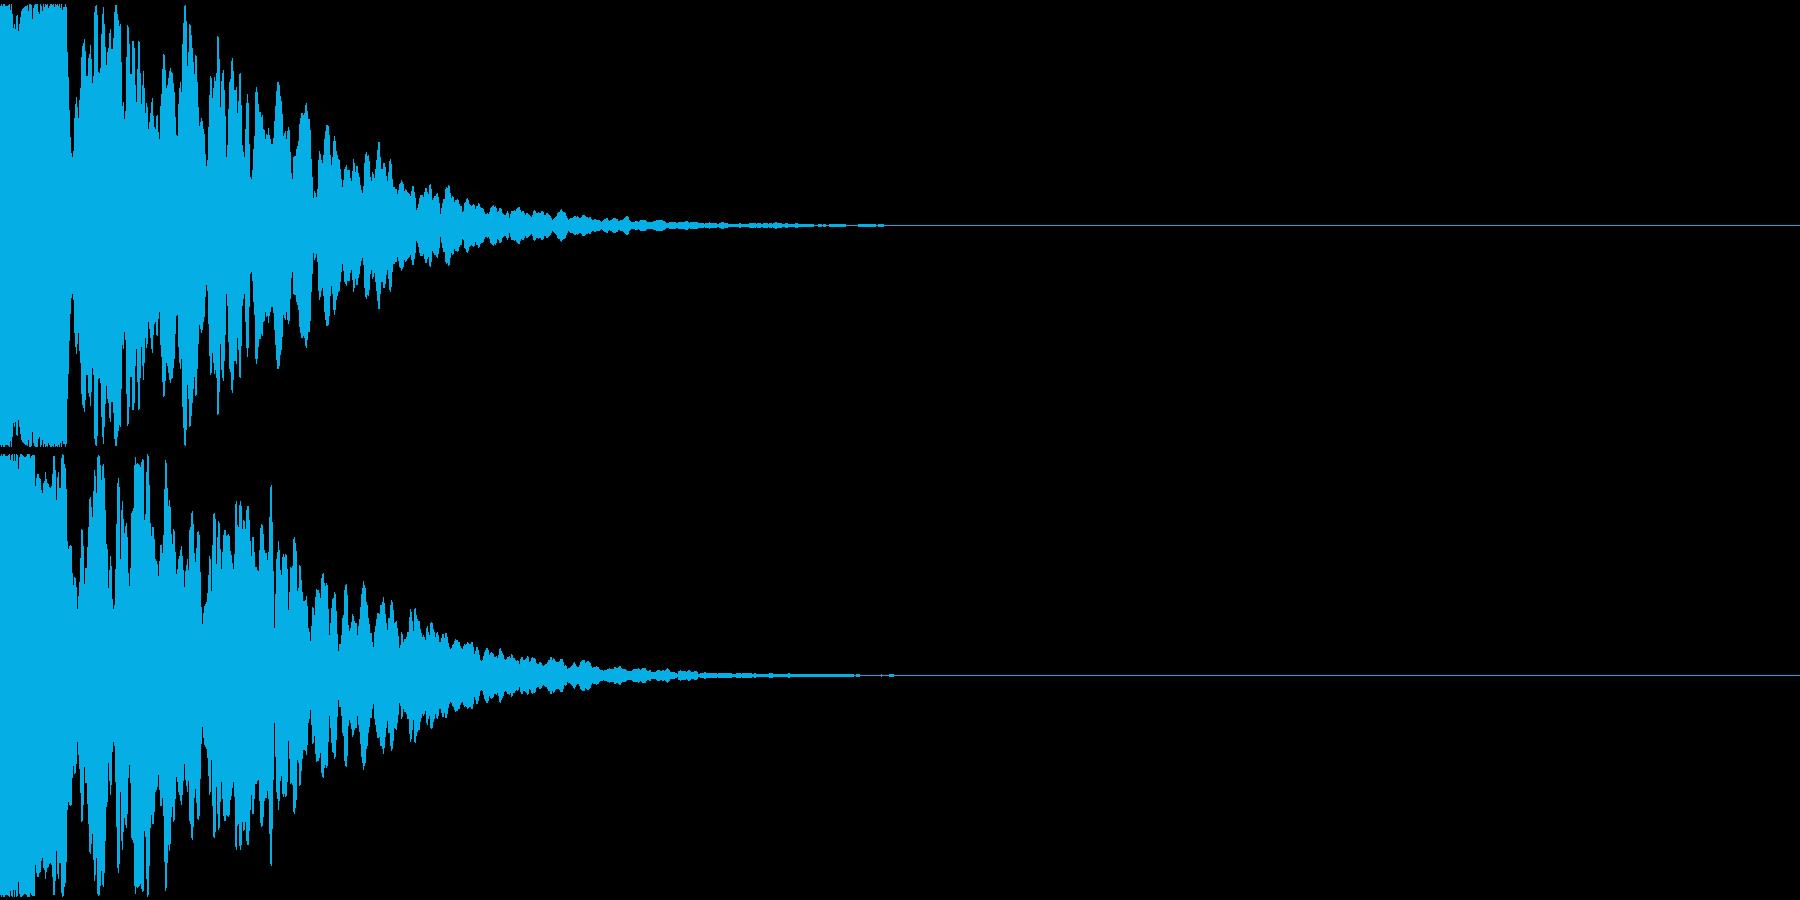 ポーン(ソナー音、電子音)の再生済みの波形